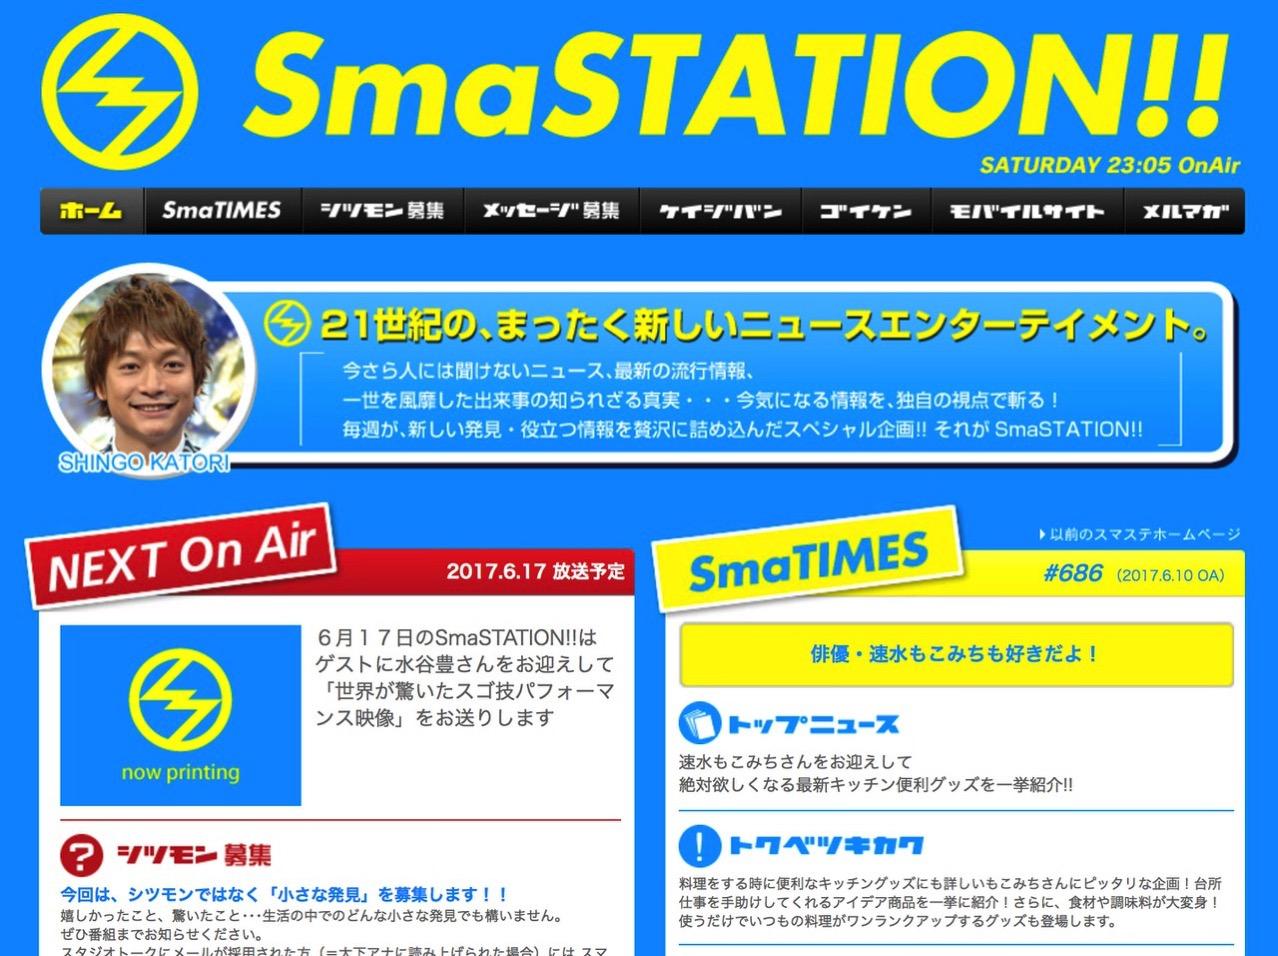 香取慎吾「スマステーション」2017年9月に終了へ 〜16年の歴史に幕